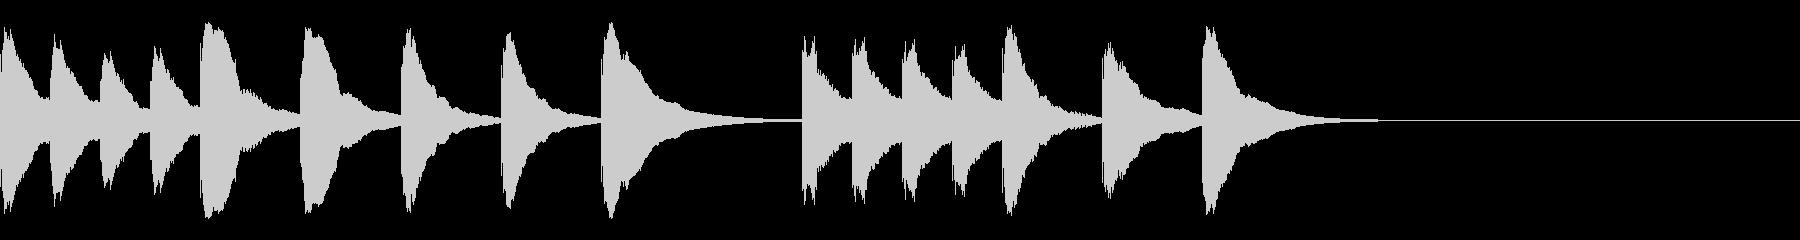 木琴のなんとかなった感じの5秒ジングルの未再生の波形